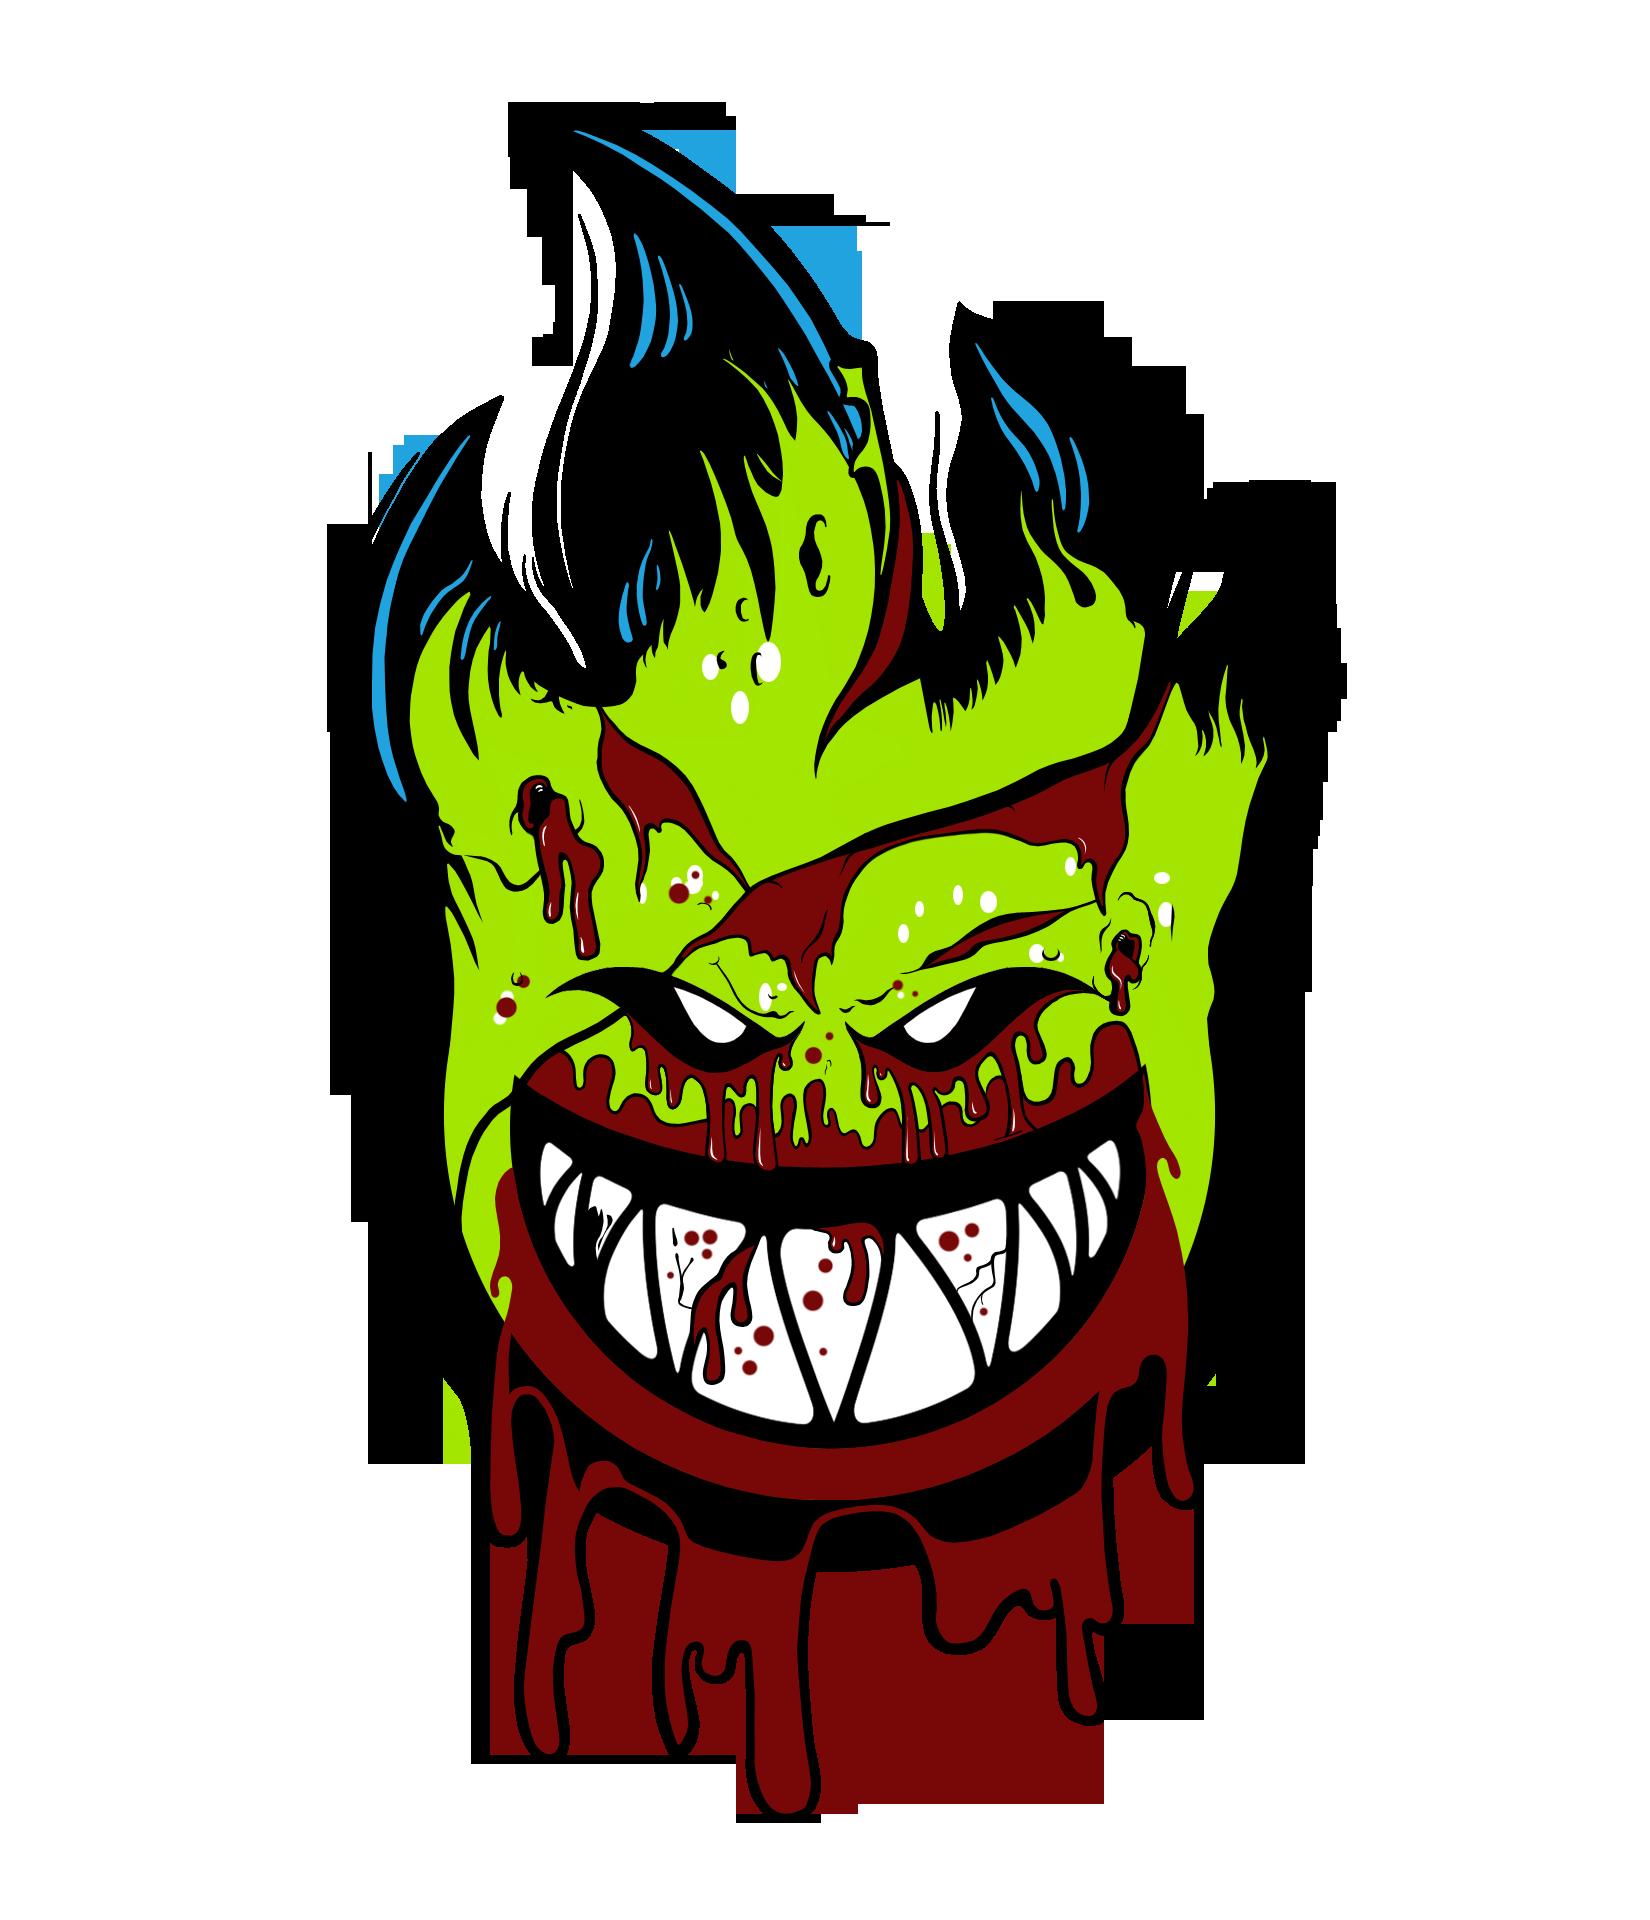 Resultado de imagen para skate zombie wallpaper (con